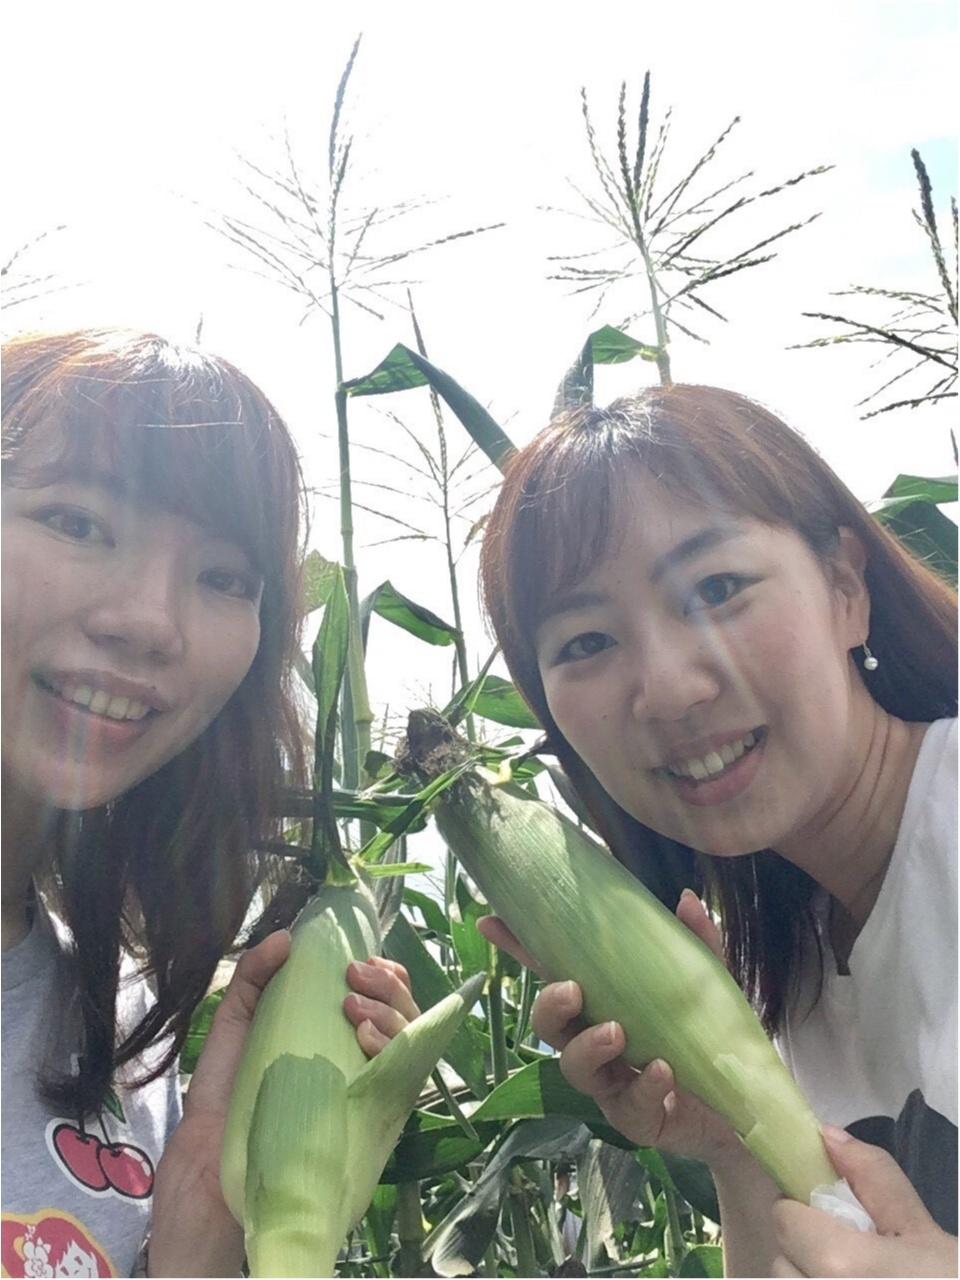 【HISバスツアー】60万本の奇跡!明野ひまわり畑と「清里テラス」&収穫体験ツアー_6